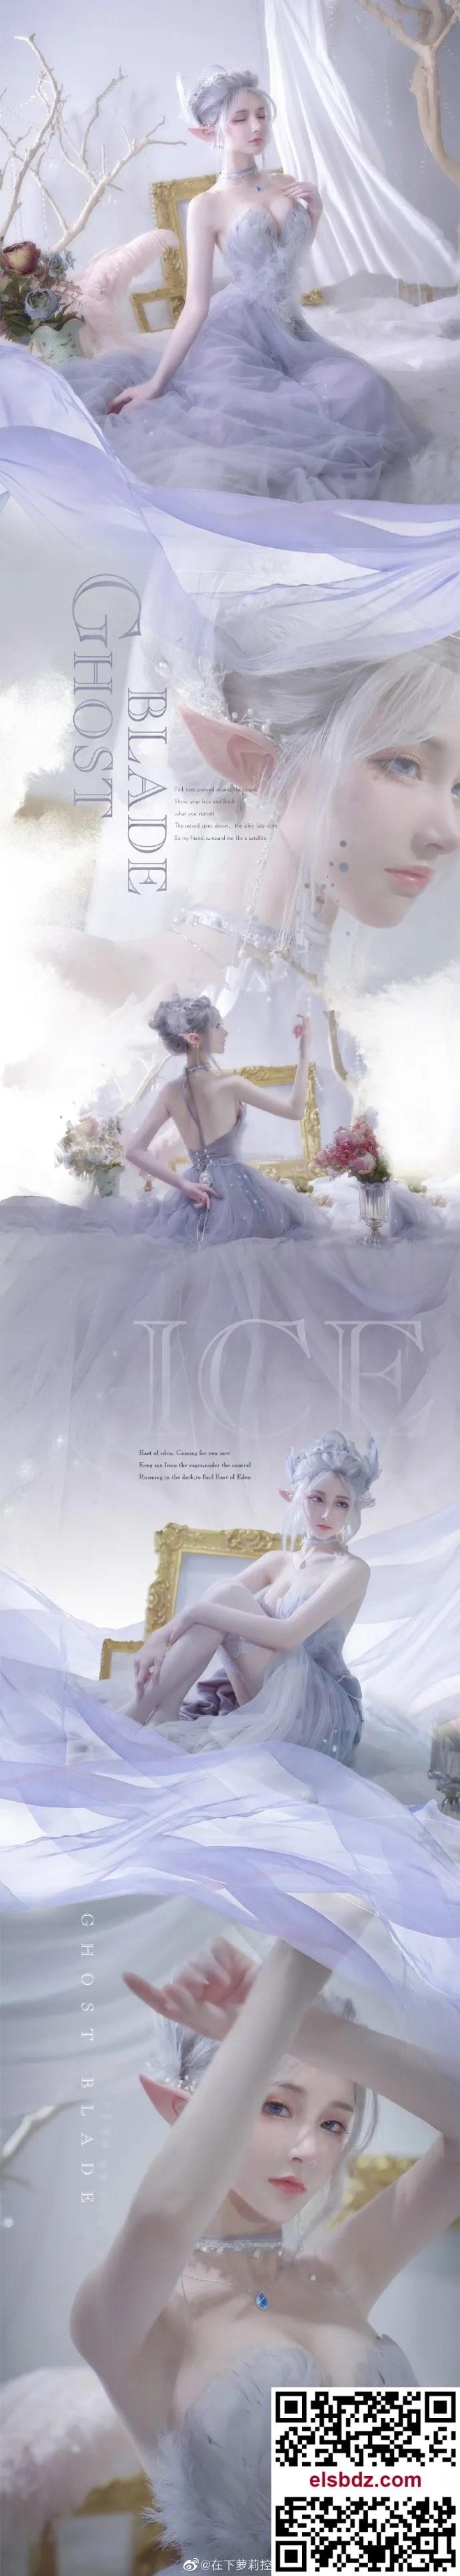 鬼刀海琴烟cos,冰公主的唯美仙气 cn在下萝莉控ii (12P)插图(10)